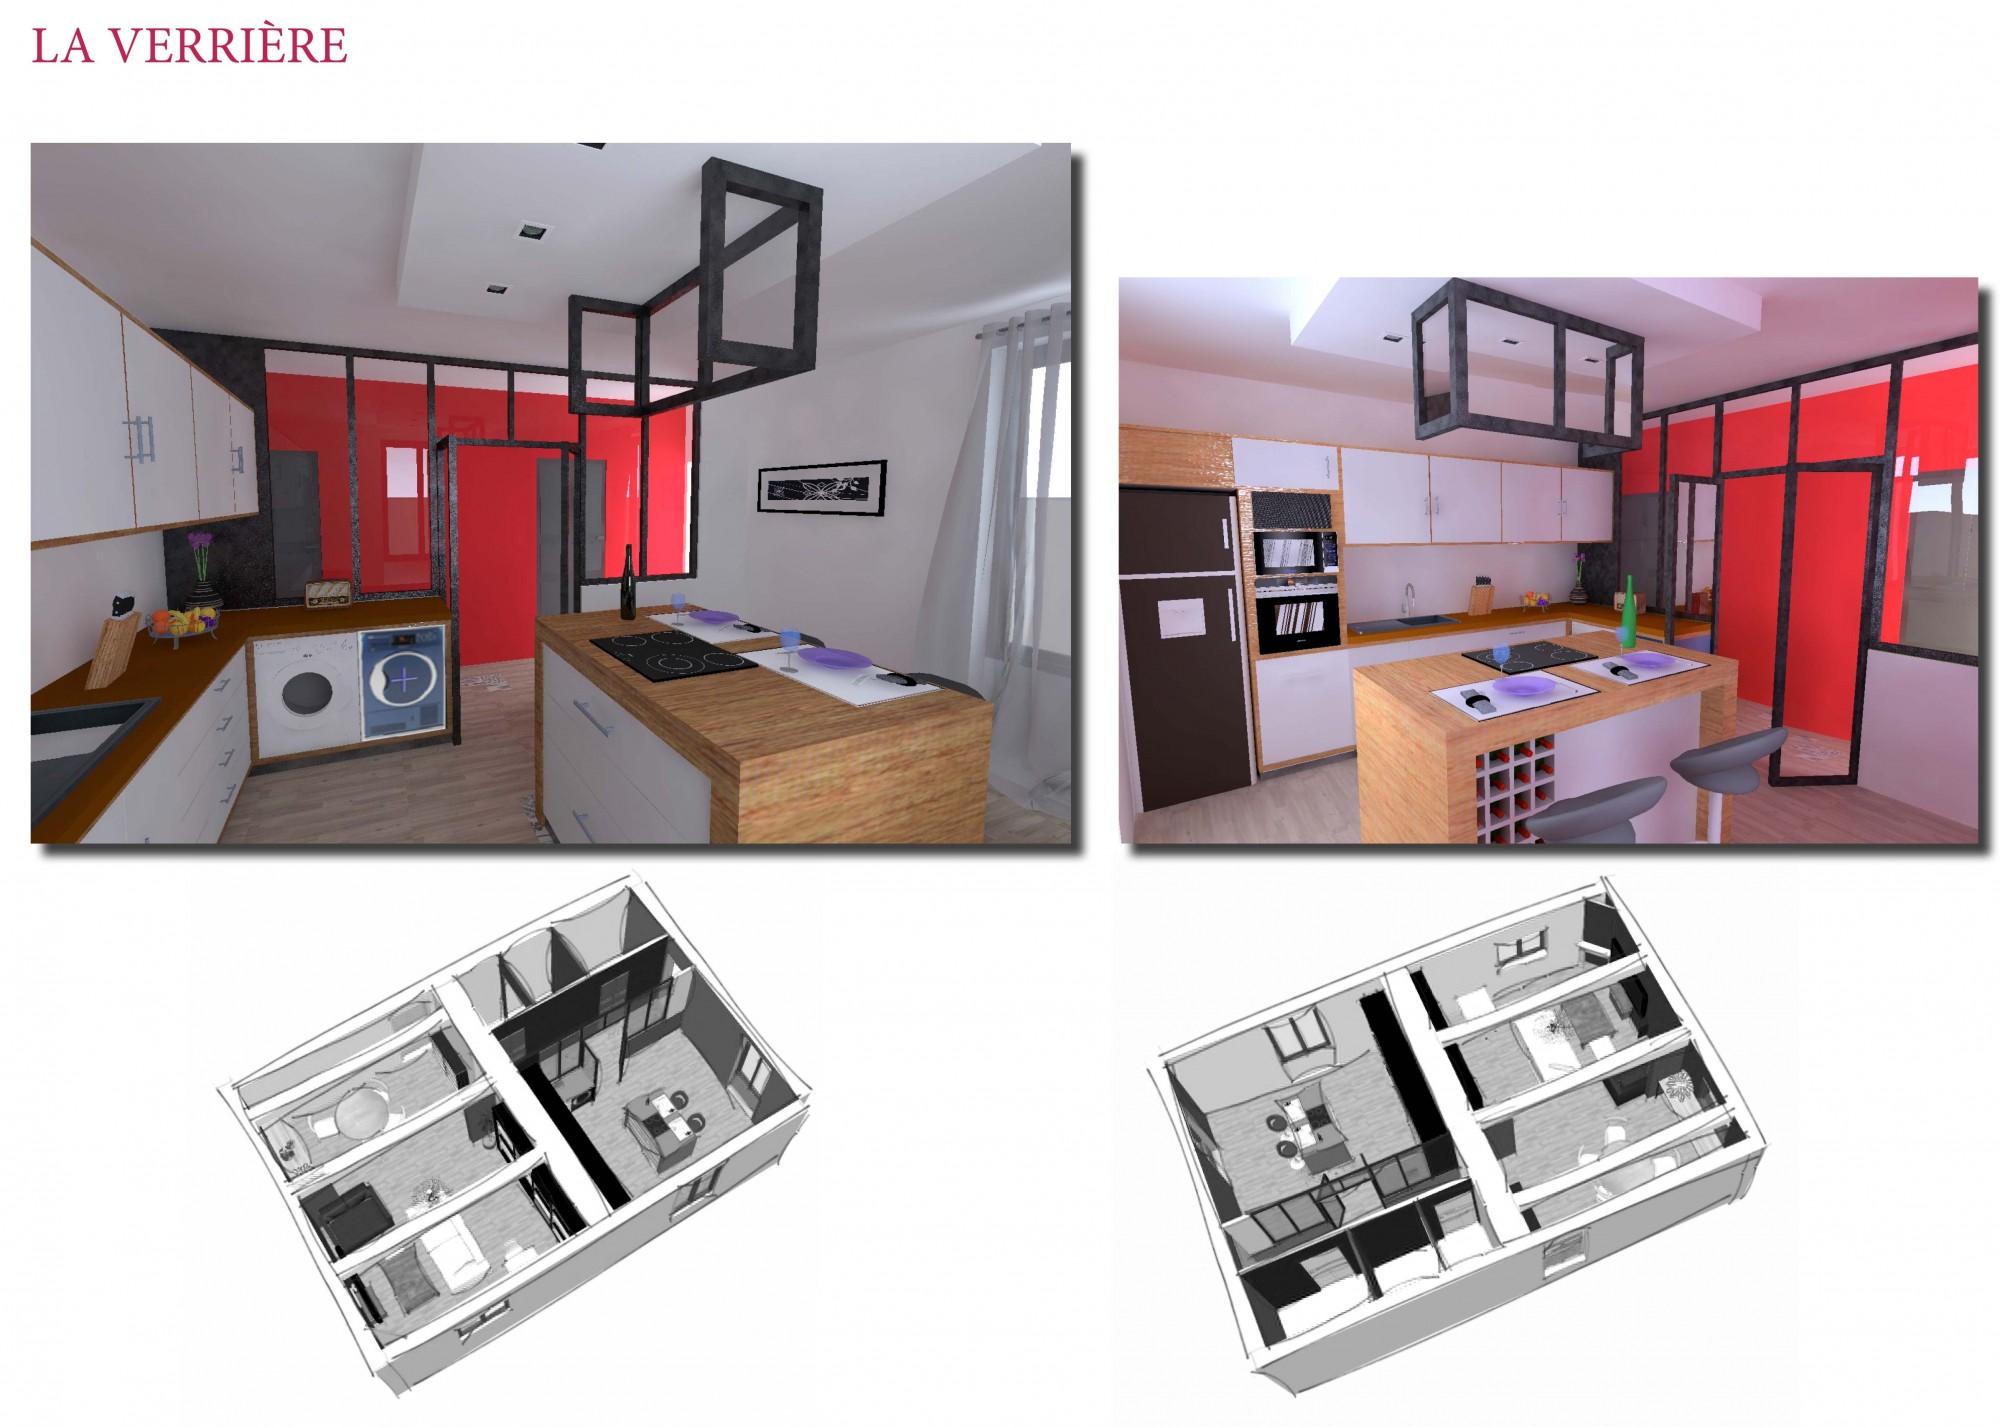 Amnagement d une cuisine gallery of amnagement du0027une - Meuble cuisine en kit ...